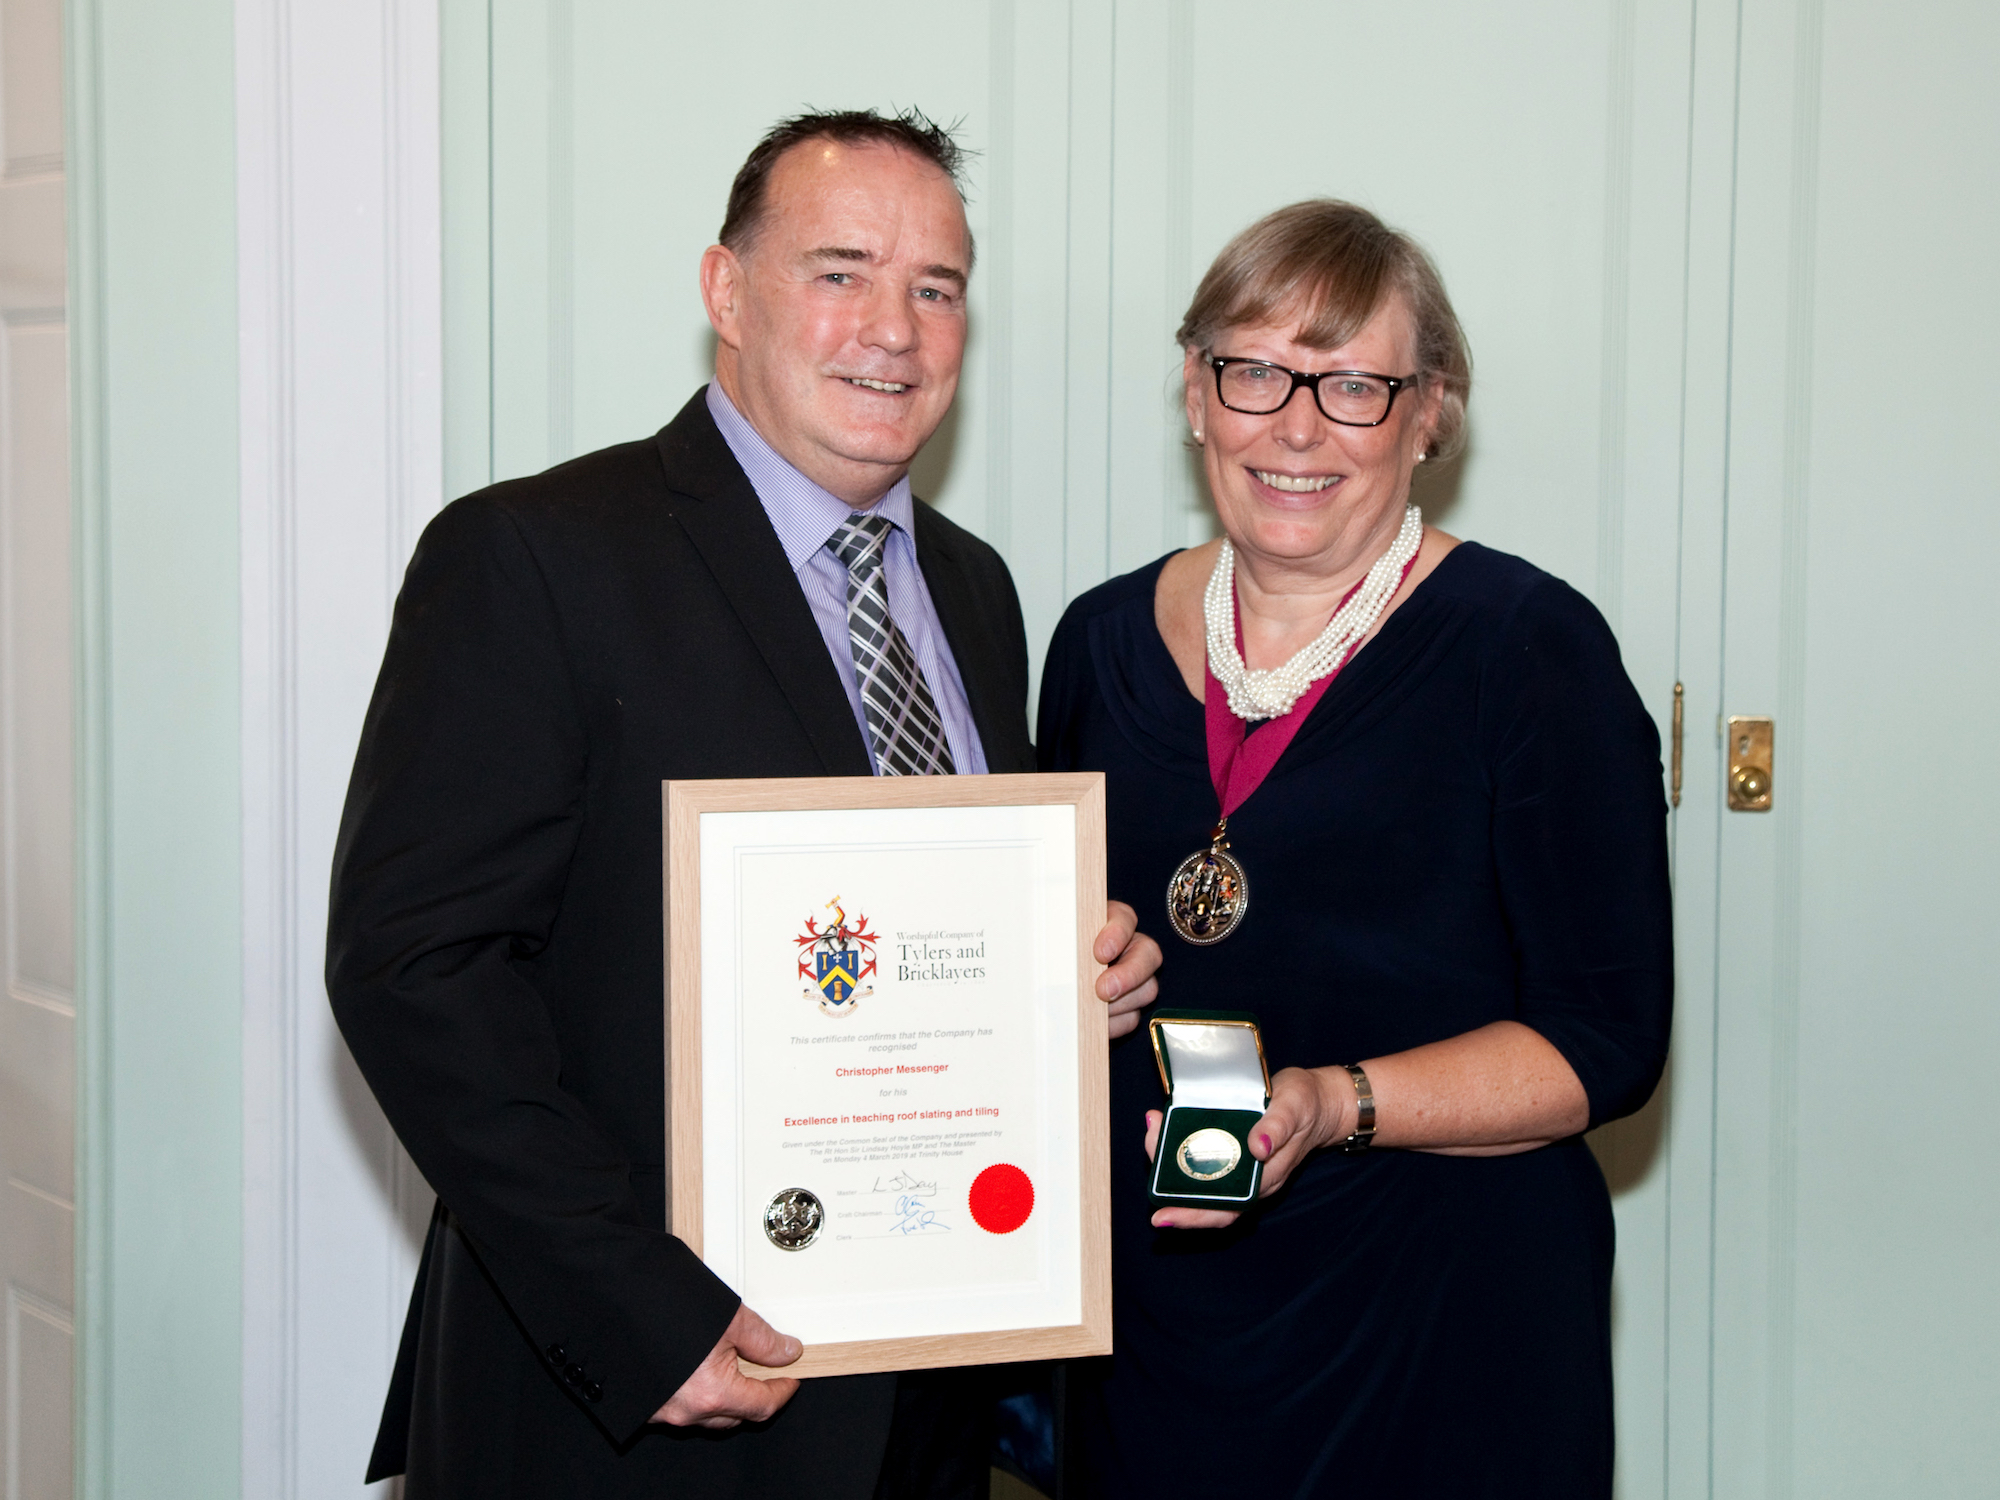 Teaching award for Leeds roofing tutor